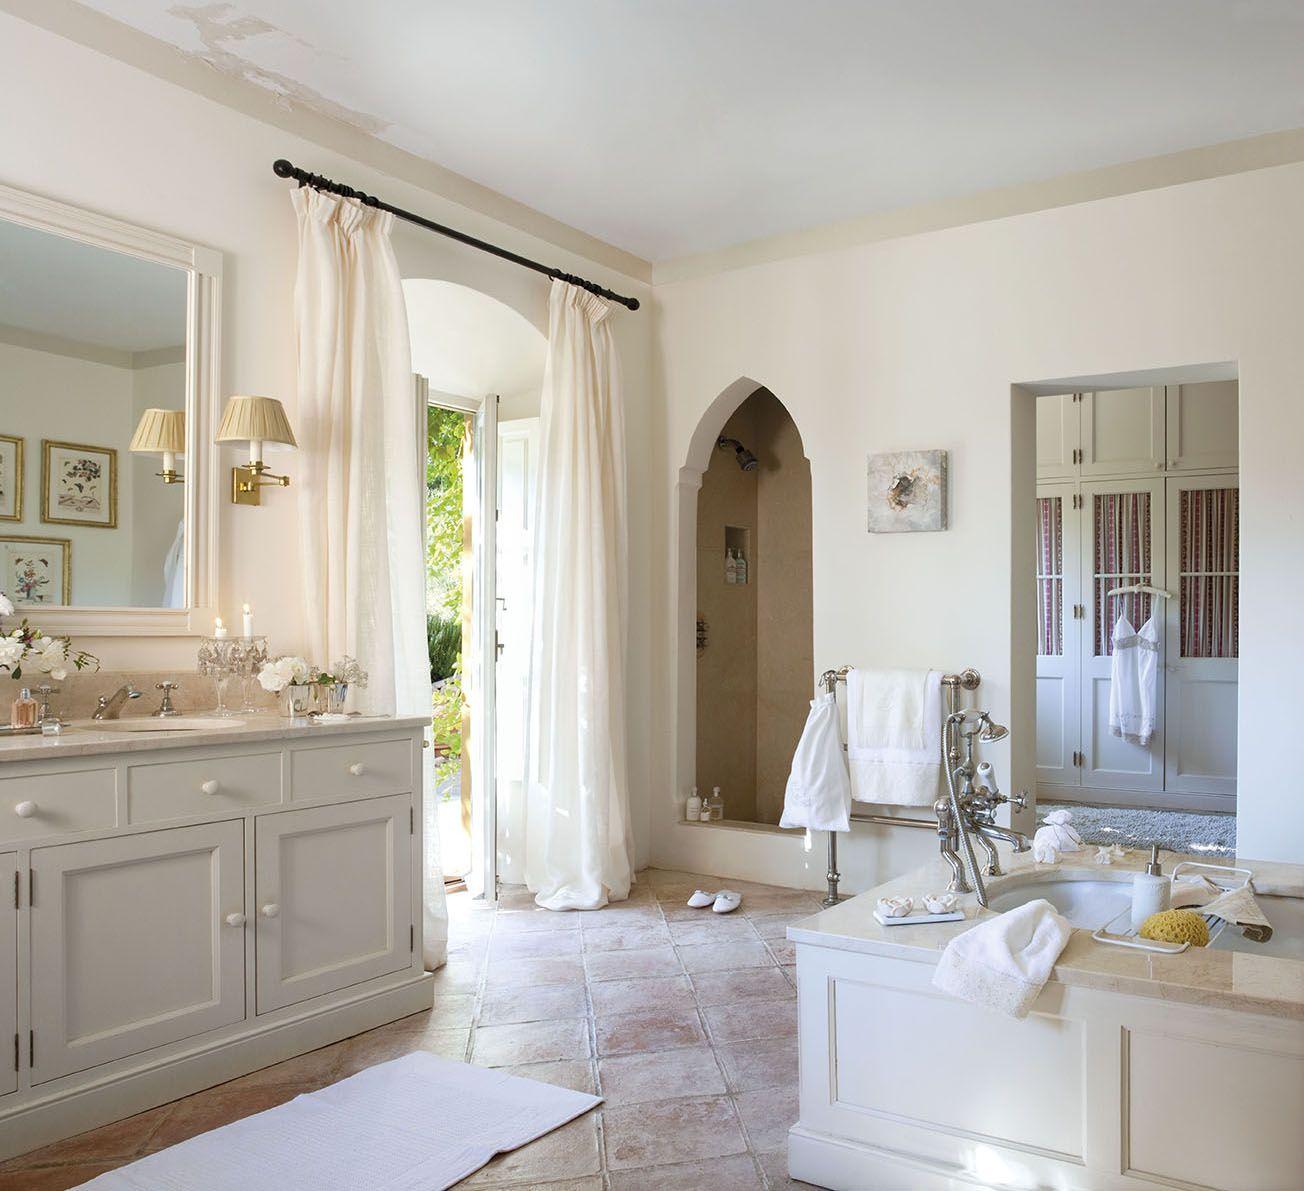 Amplio baño con bañera en la parte central, arco que comunica con el ...